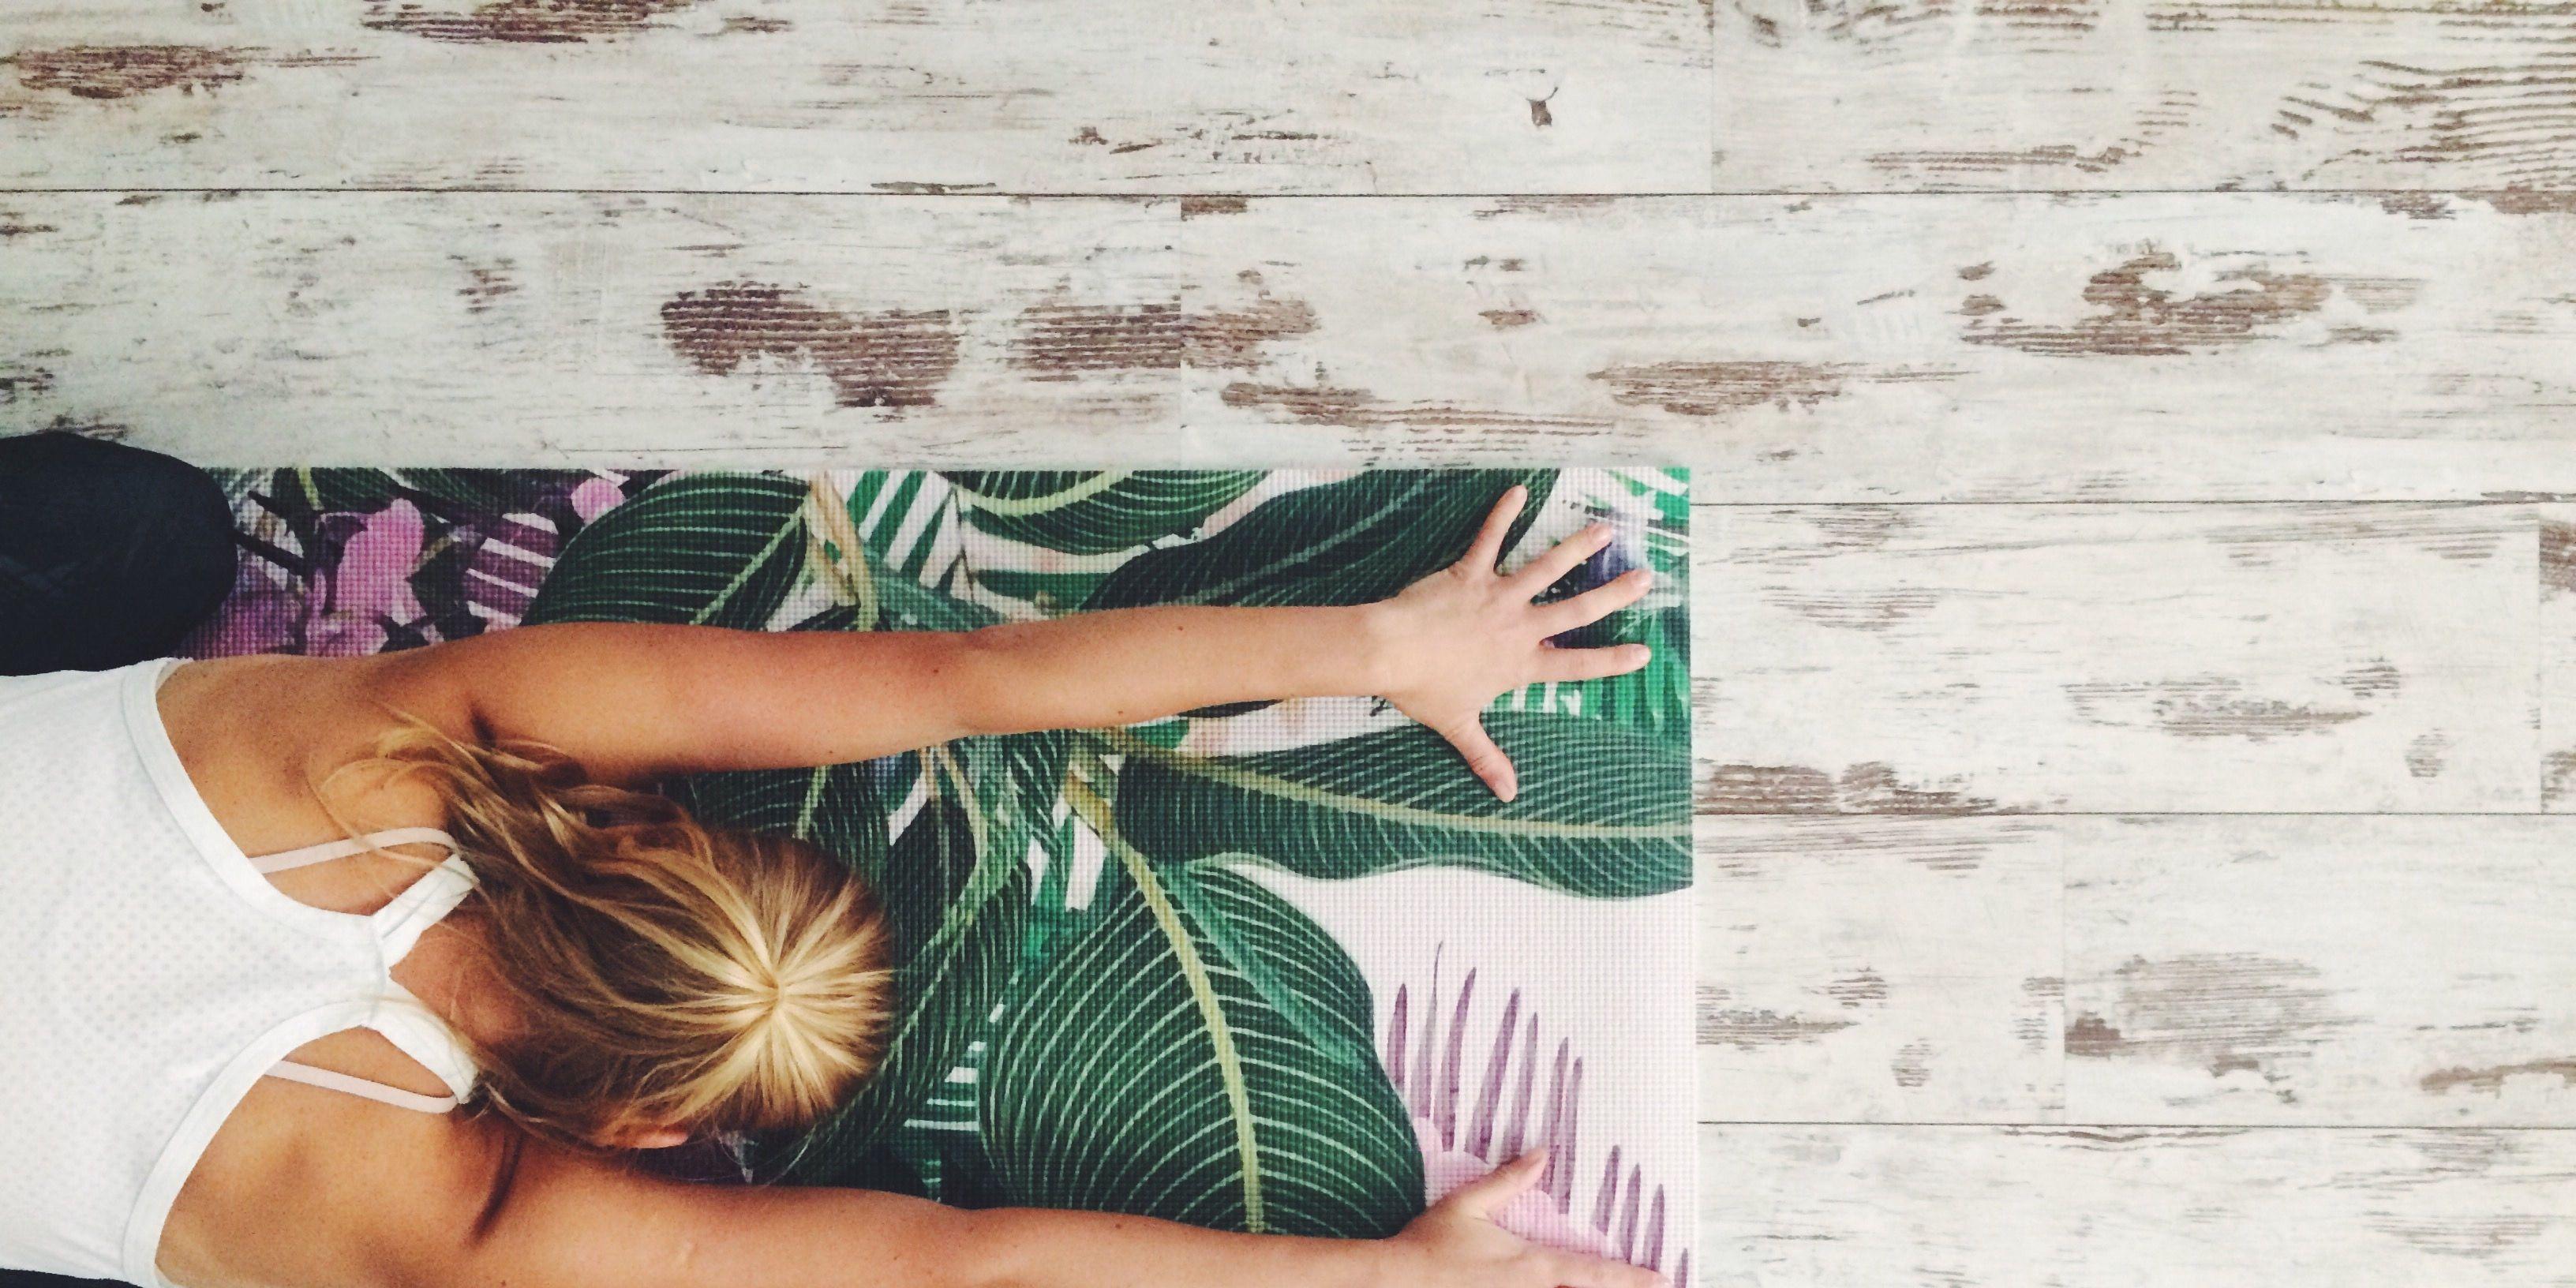 High Angle View Of Woman Doing Yoga